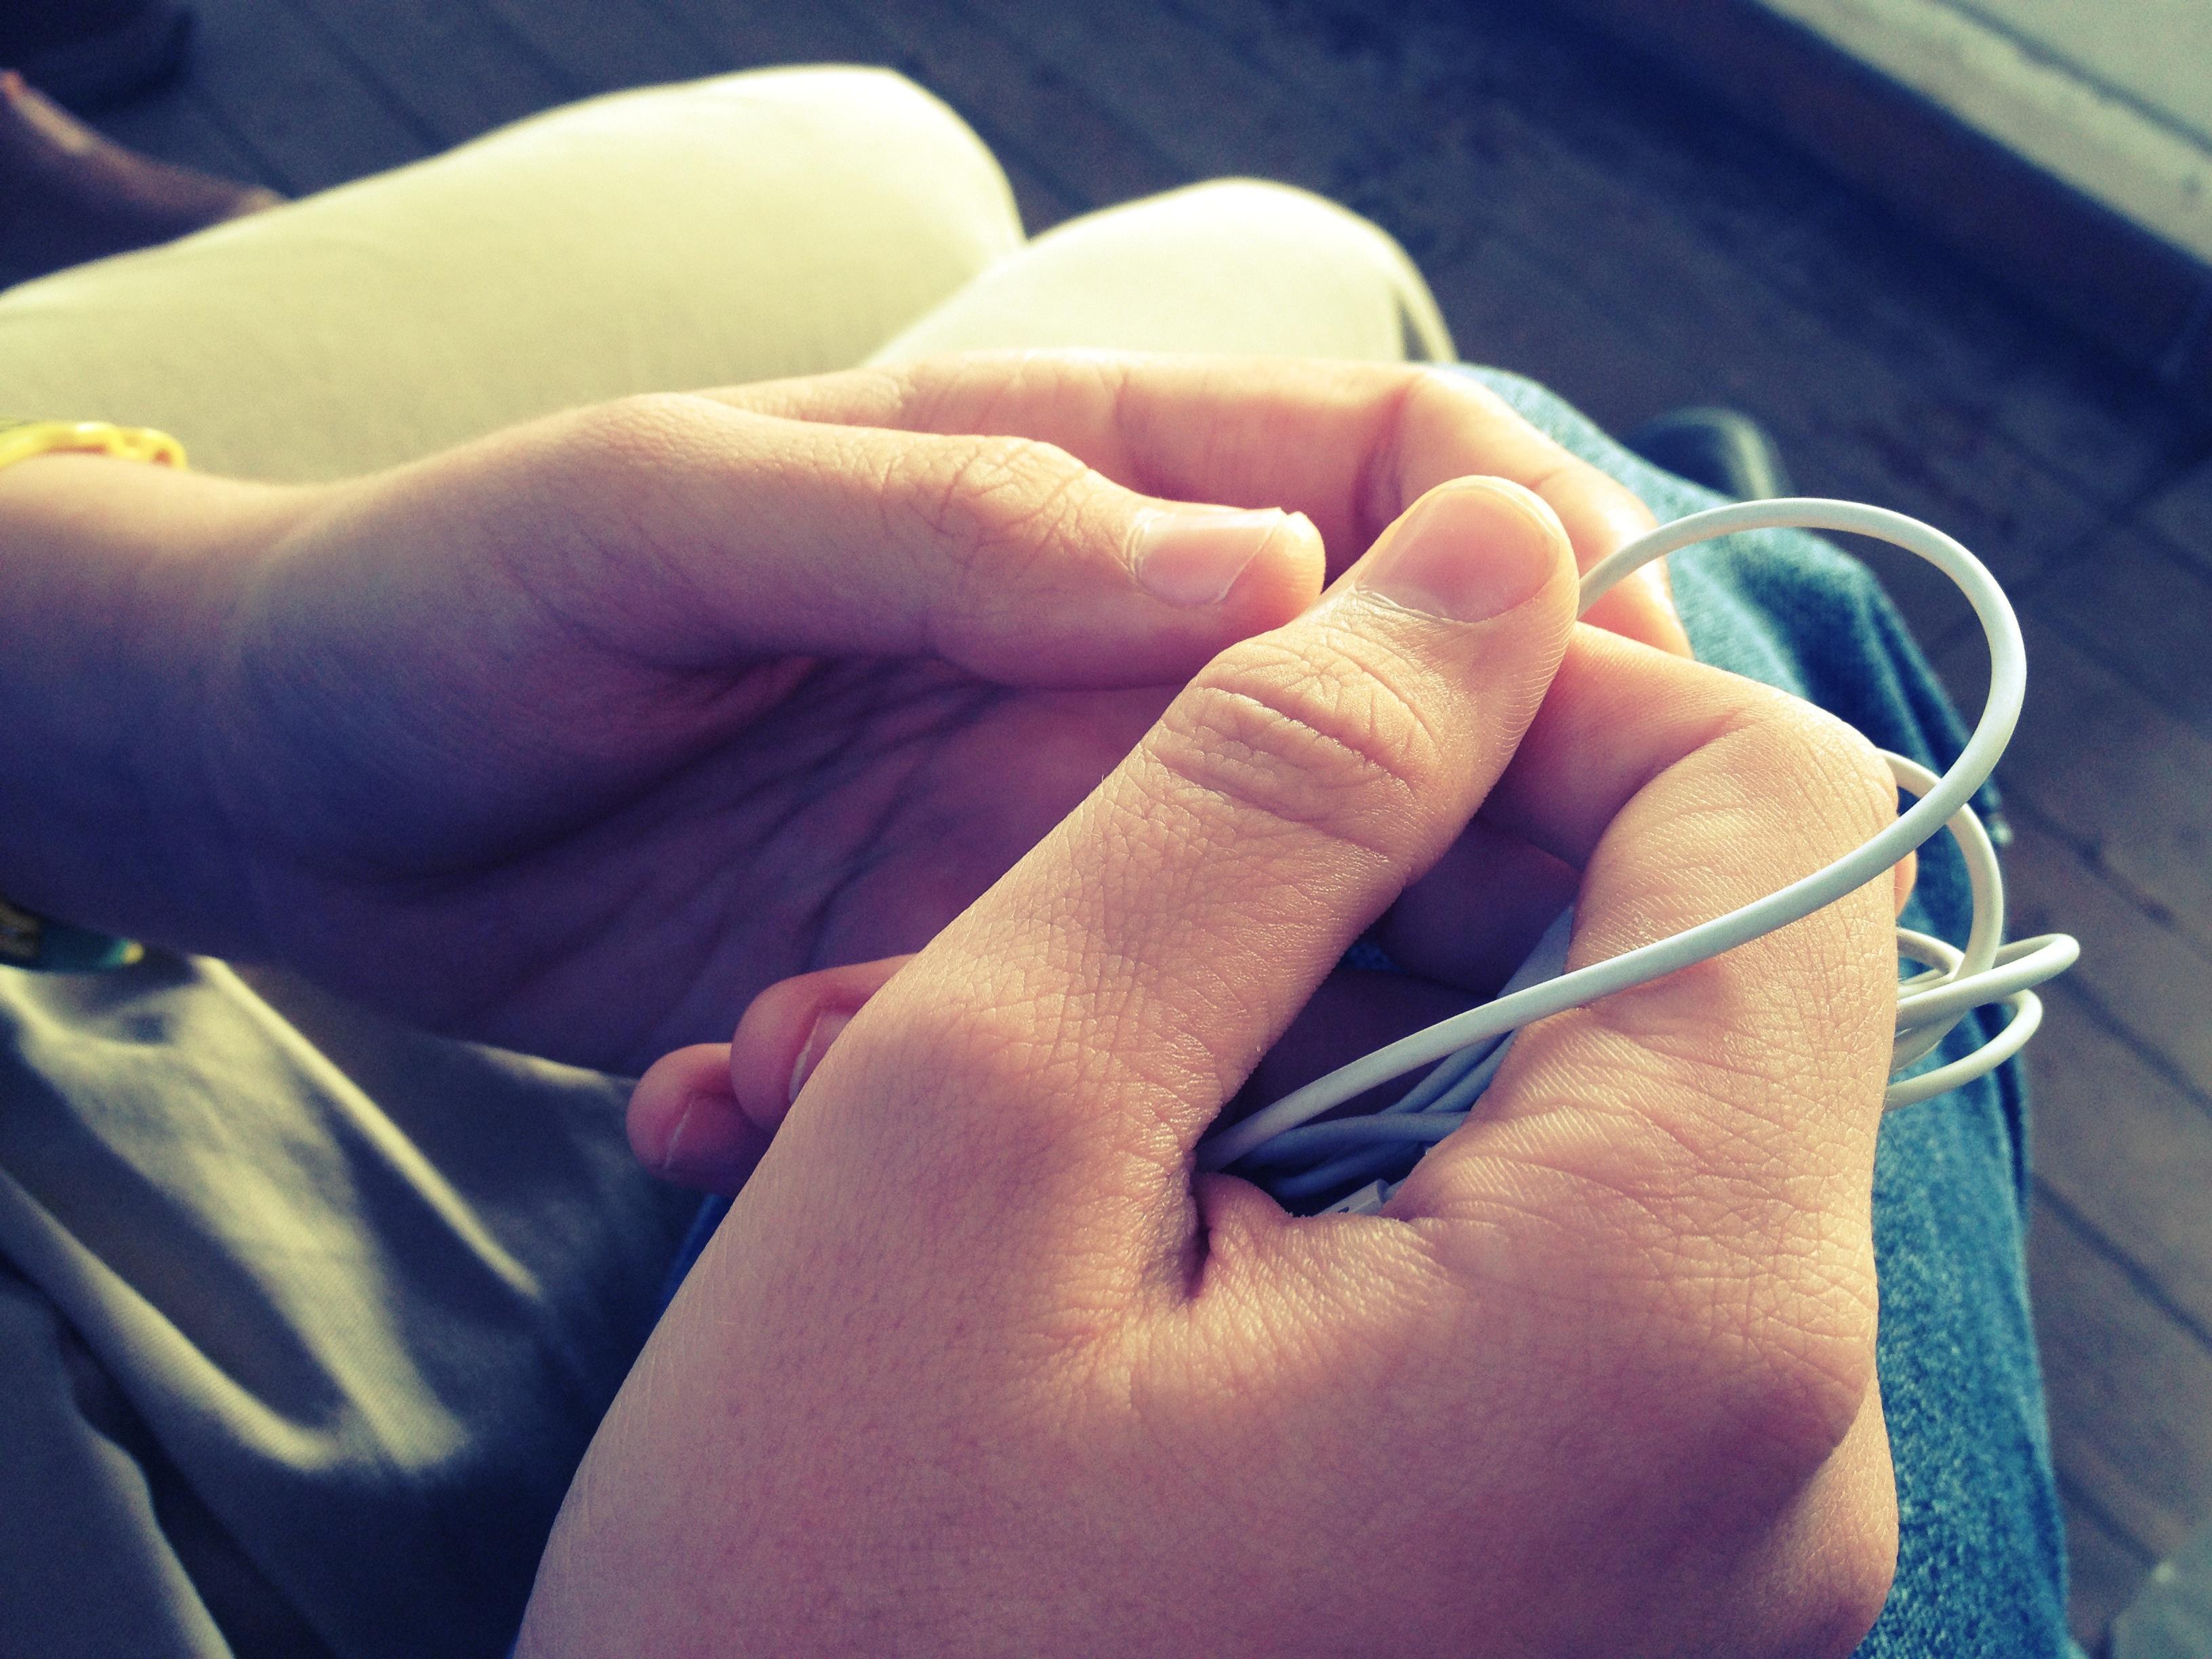 Oliver's hands